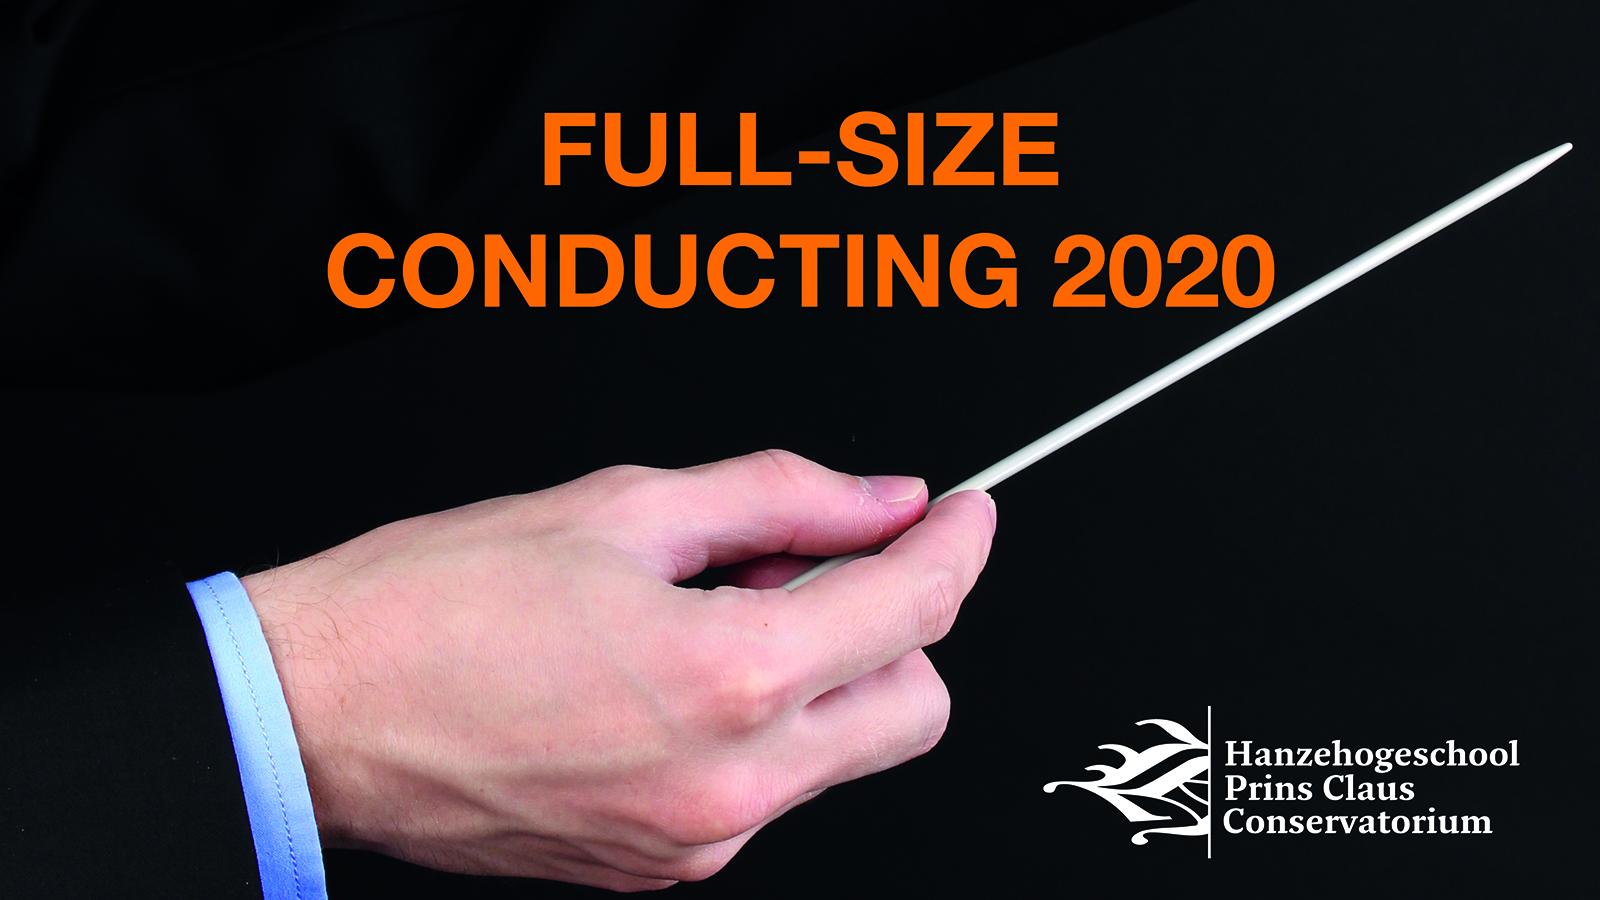 Full-Size Conducting tot 31 jan